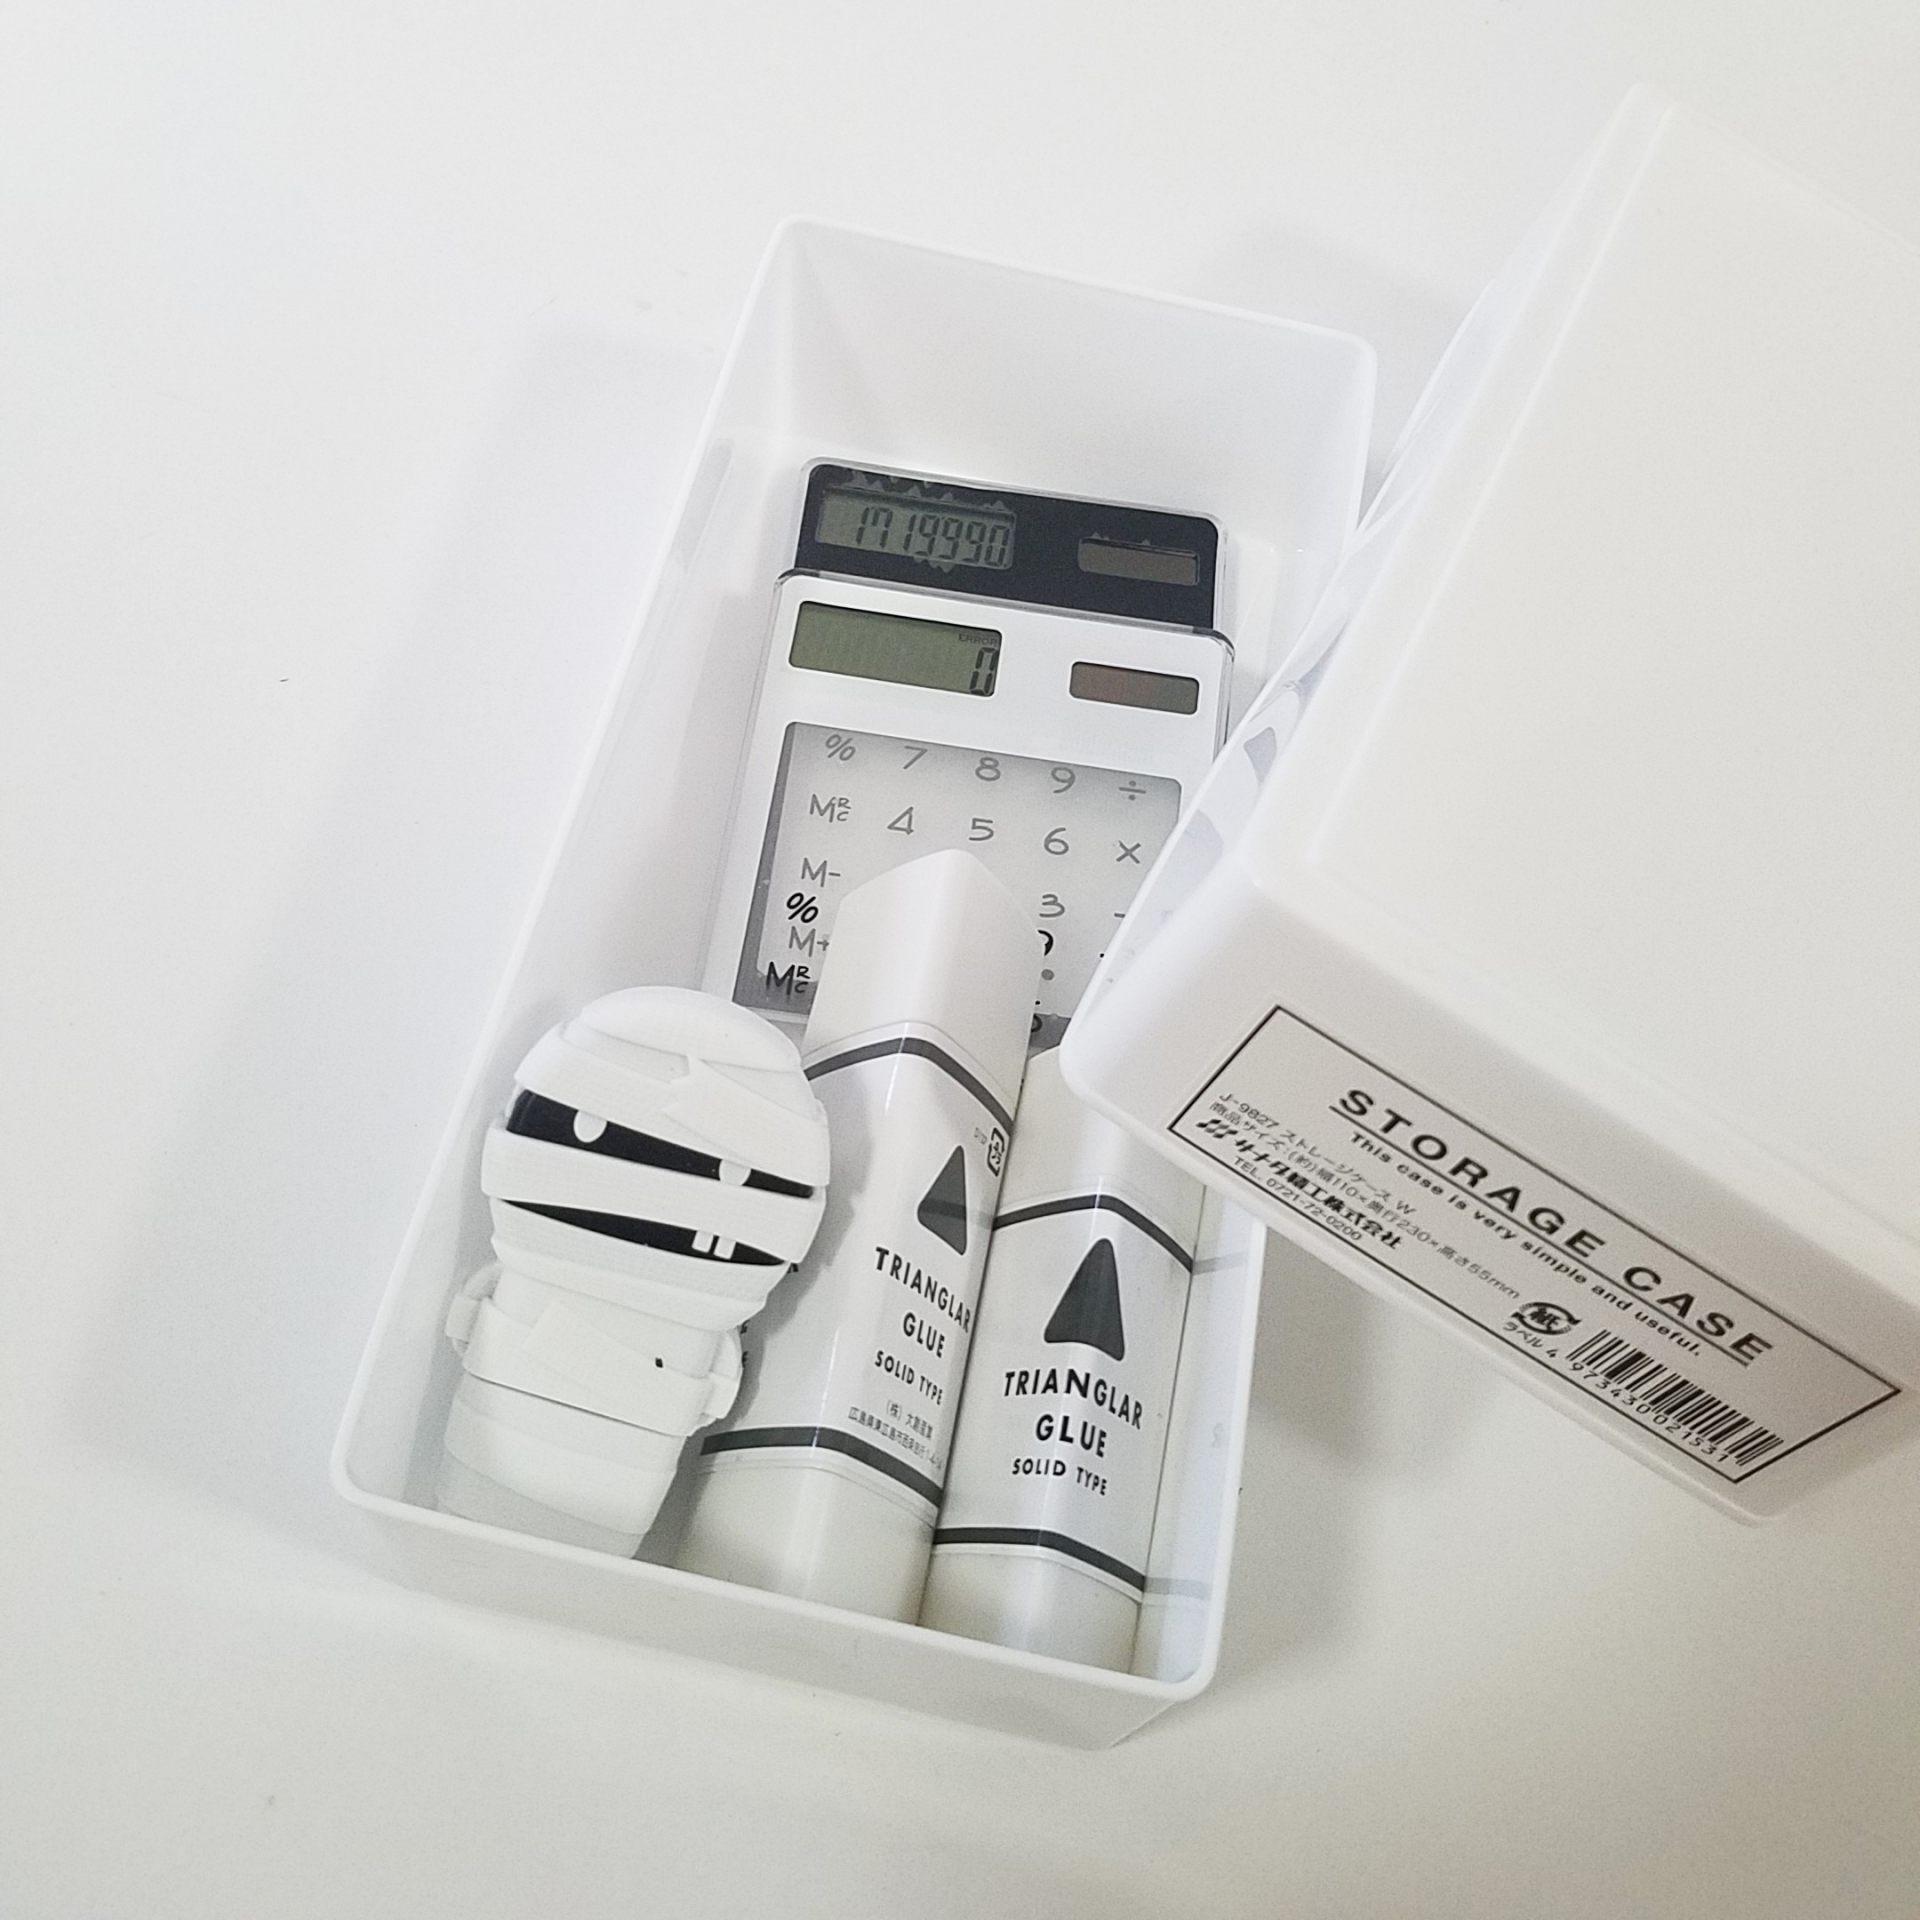 「Seria」的文具盒